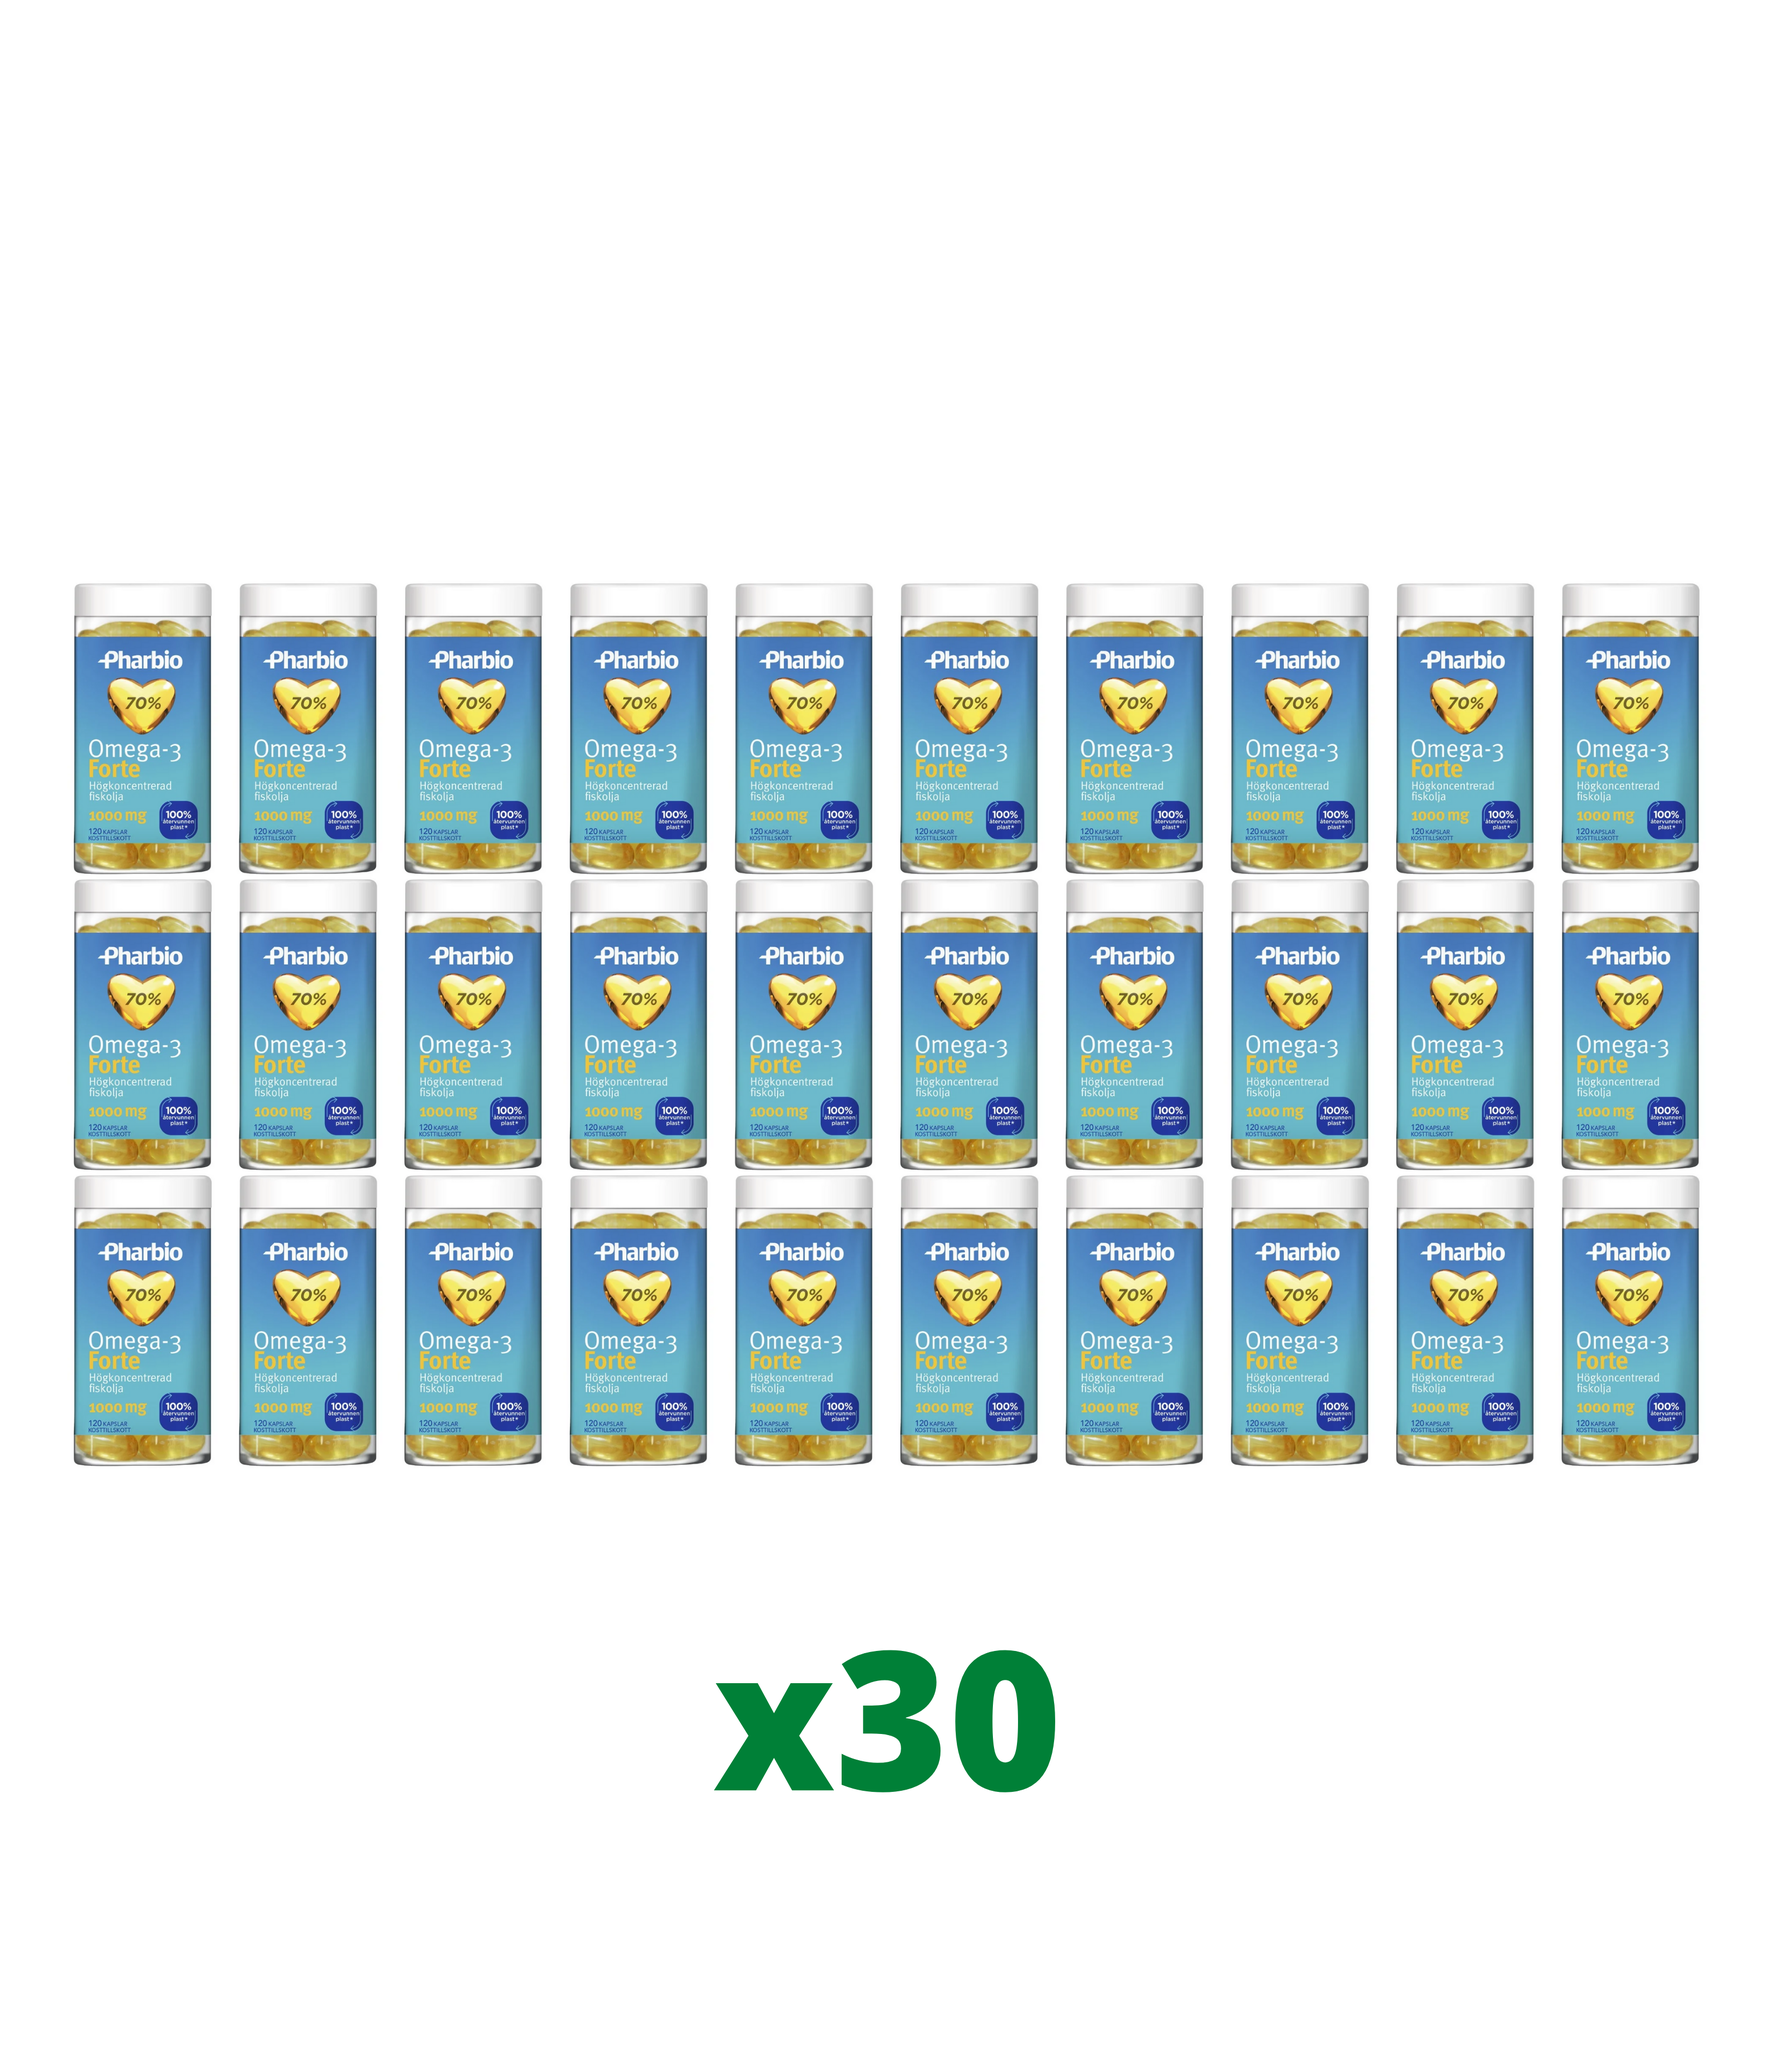 30 x Pharbio Omega-3 Forte, 120 kapslar